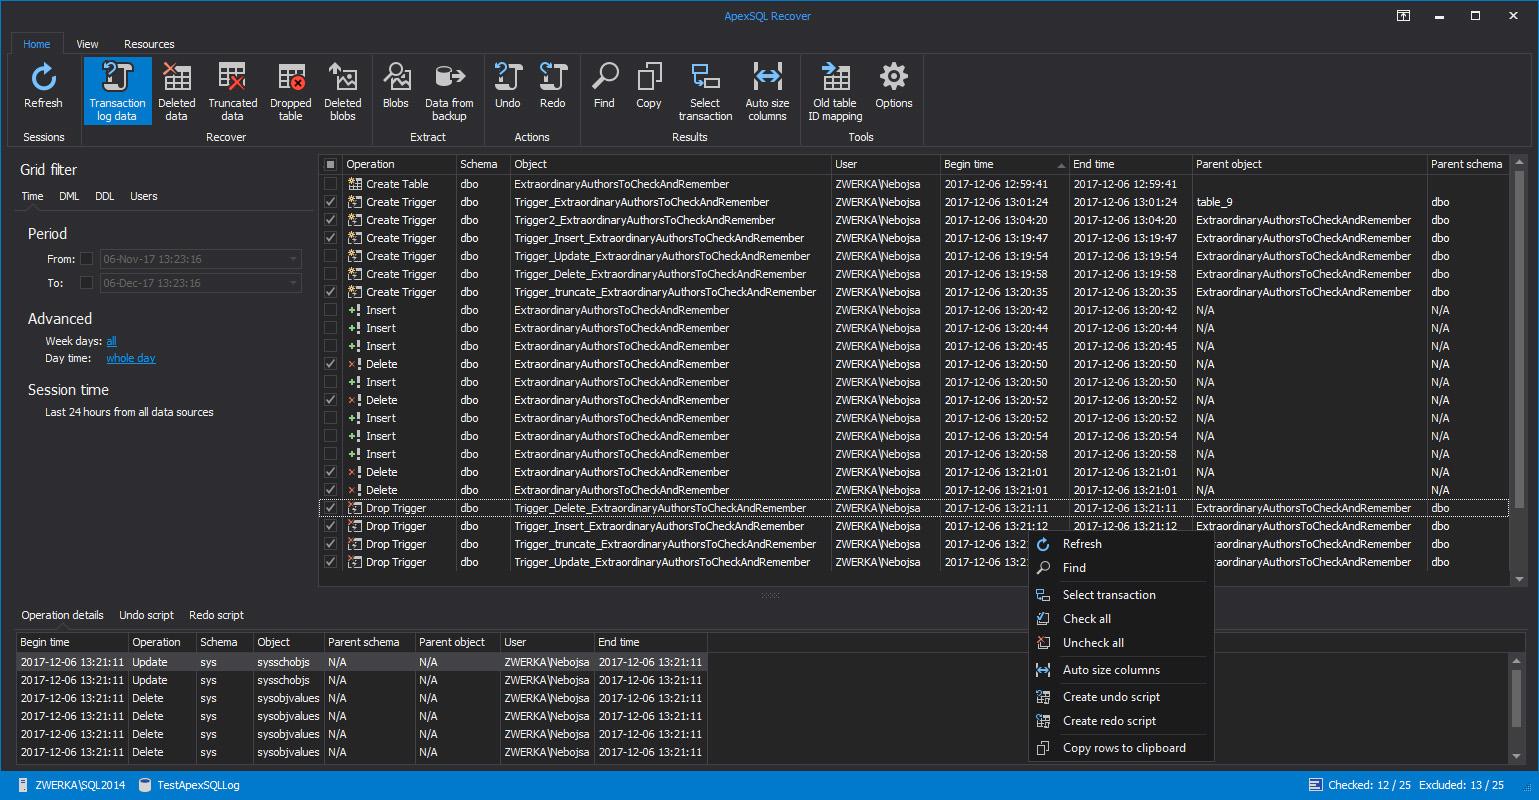 stellar phoenix sql database repair serial key